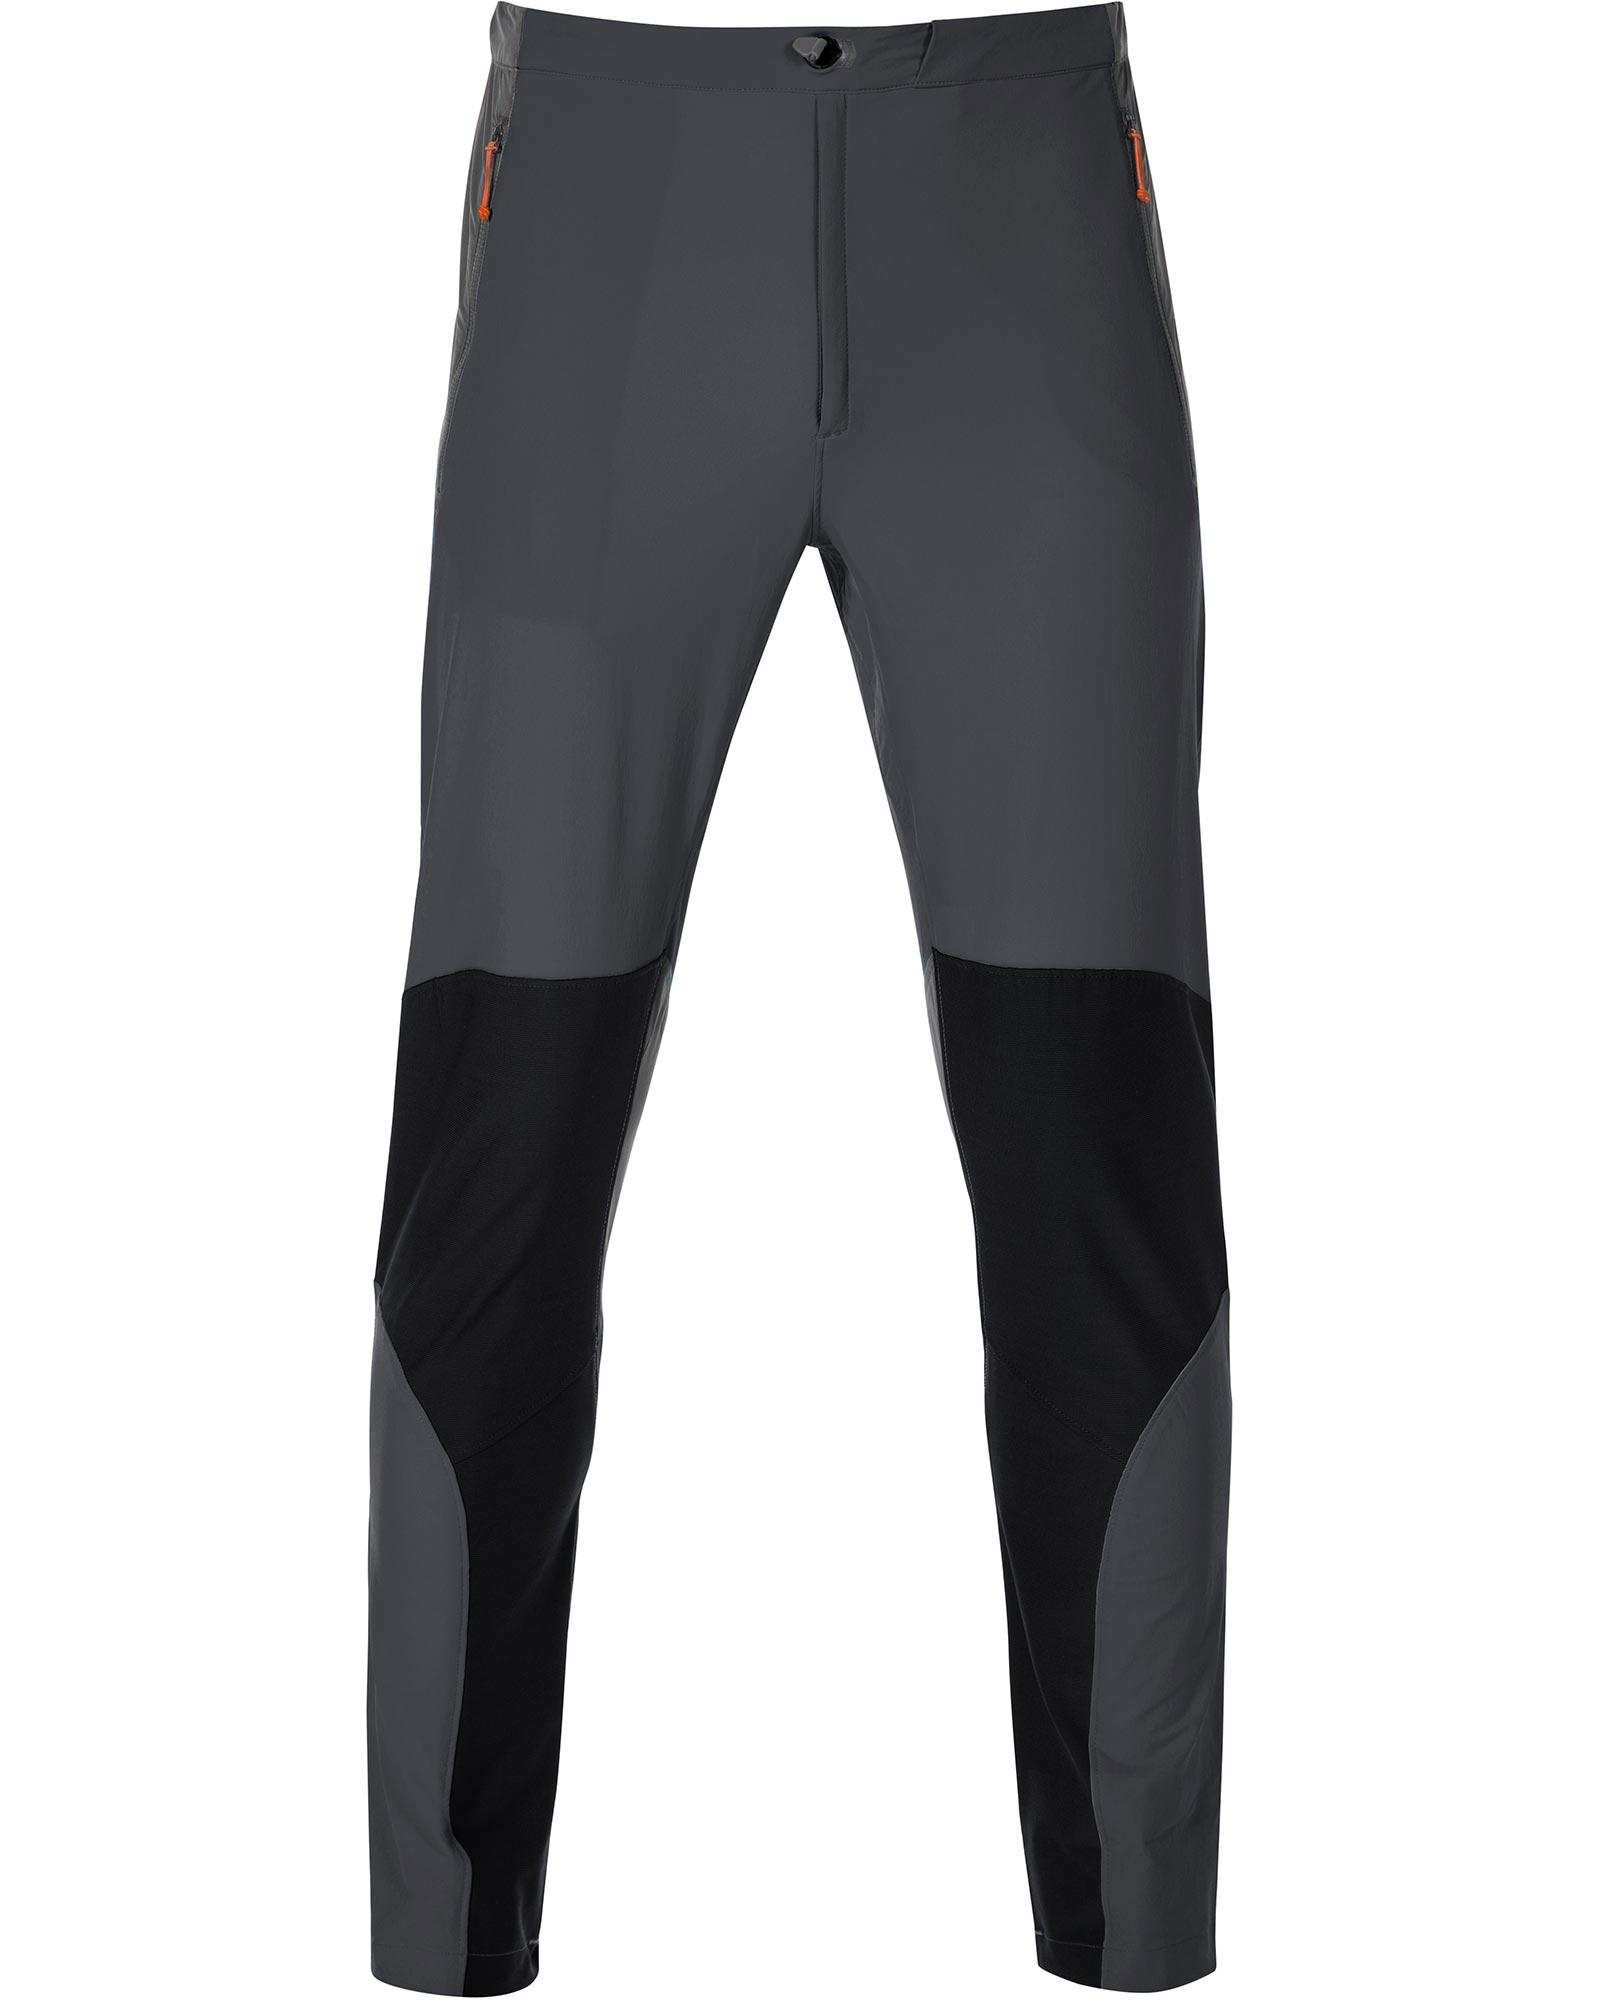 Rab Torque Men's Pants 0